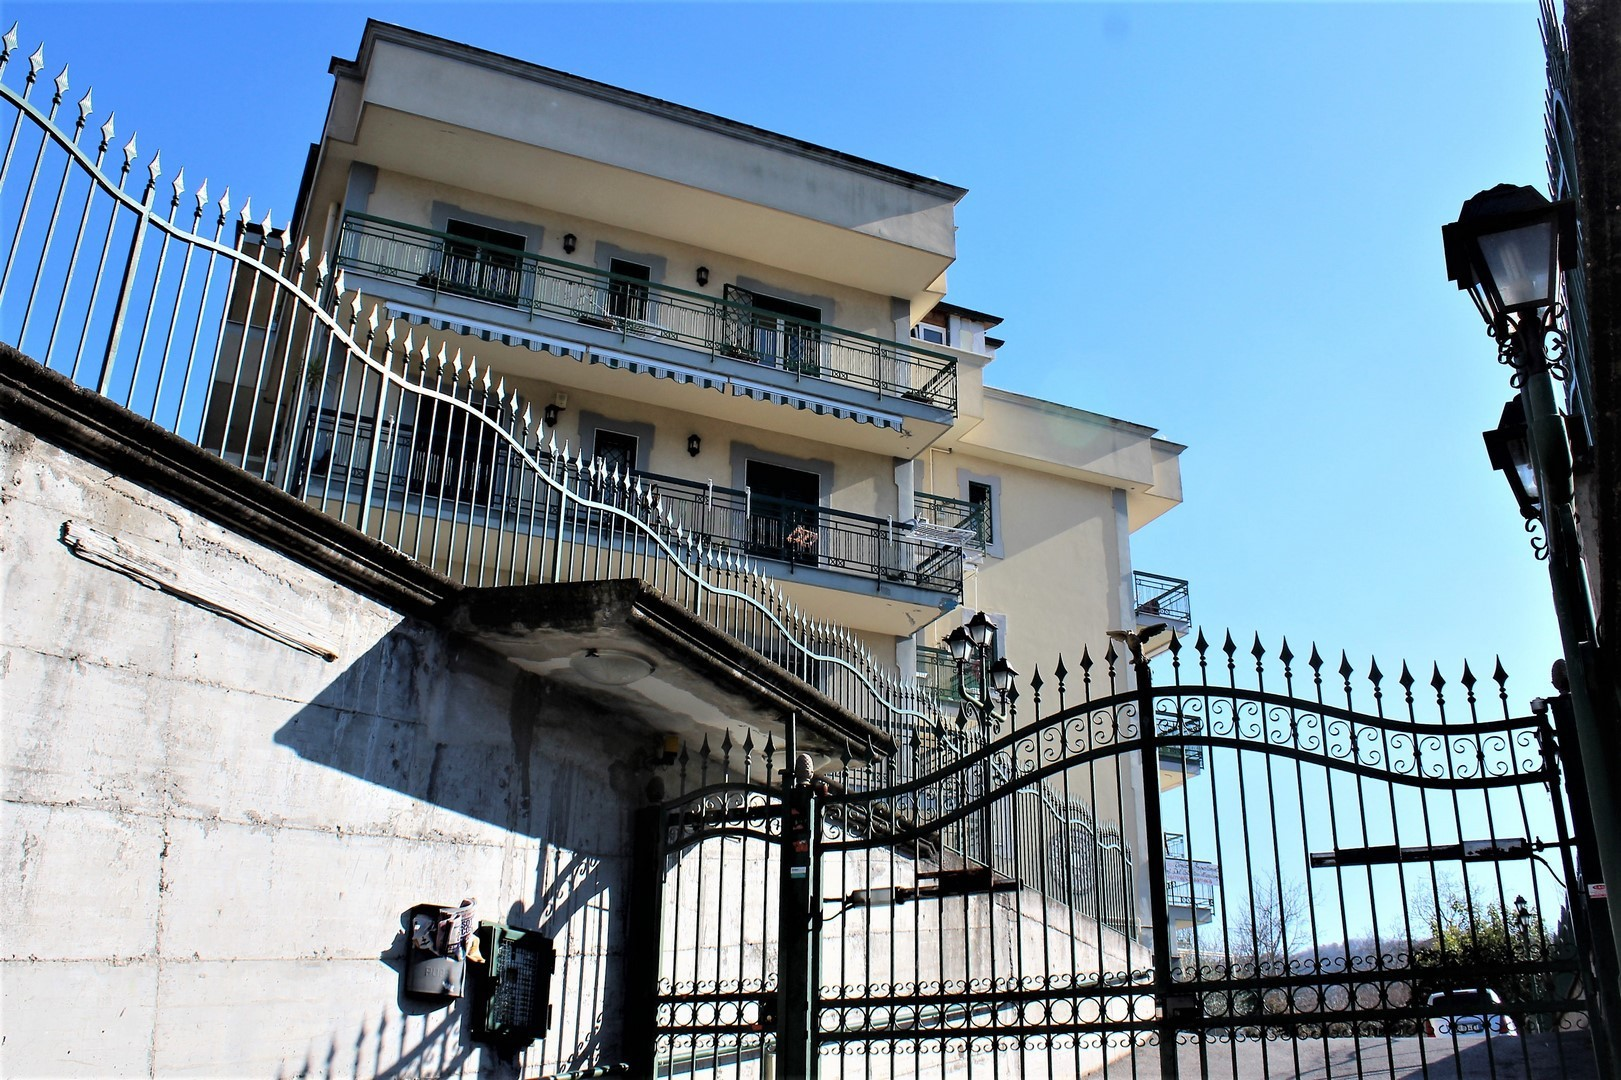 Appartamento trilocale in vendita quarto annunci vendita e for Case in vendita quarto napoli